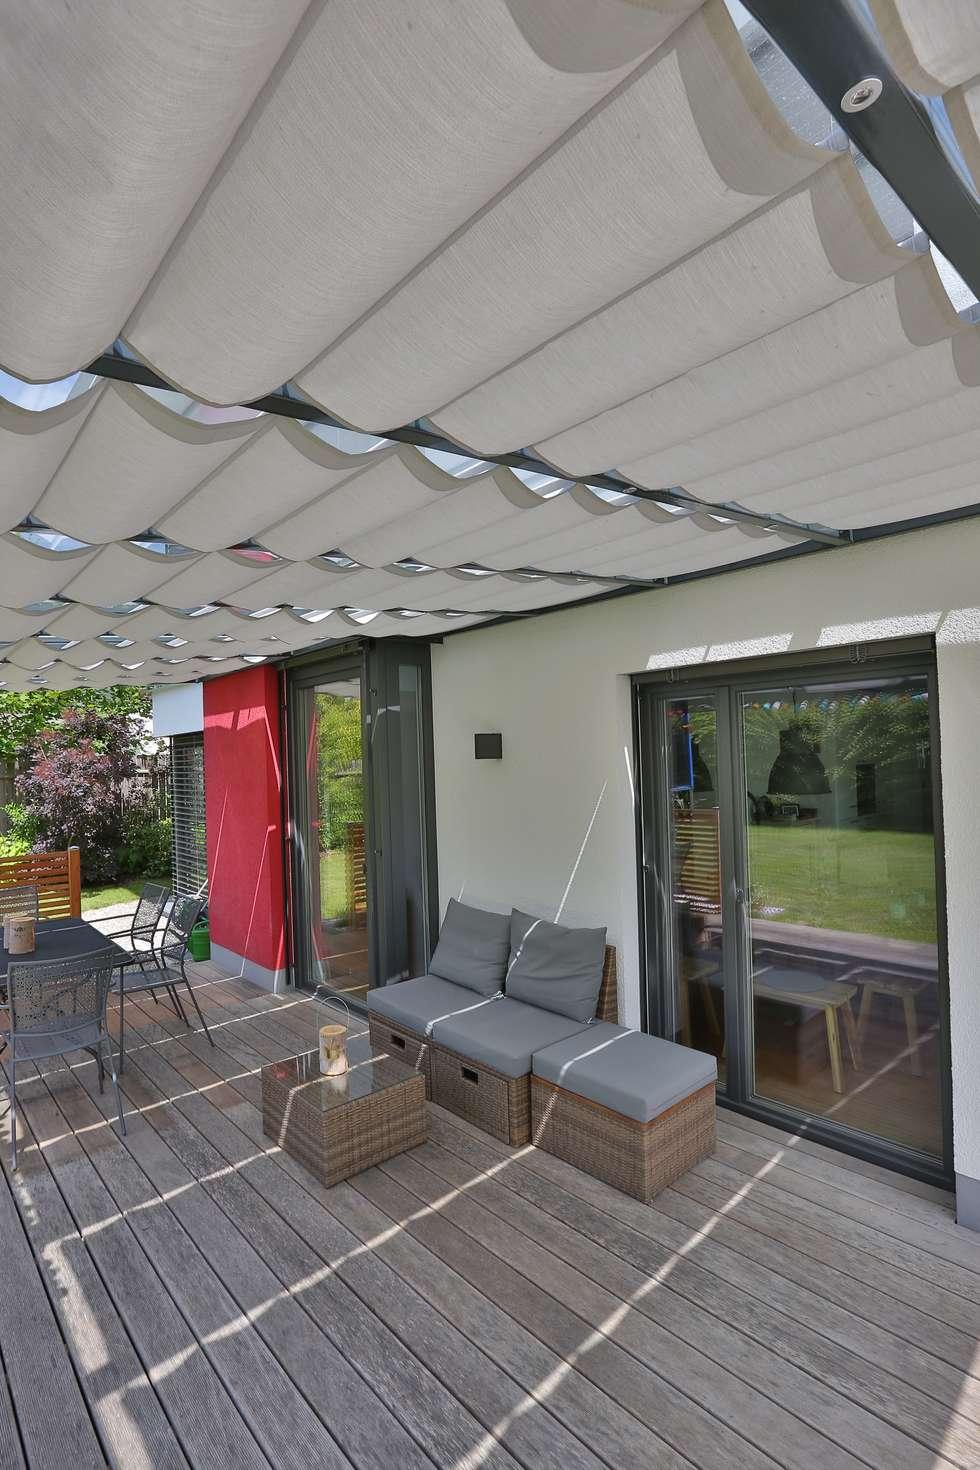 Wohnideen interior design einrichtungsideen bilder for Toldos patios terrazas